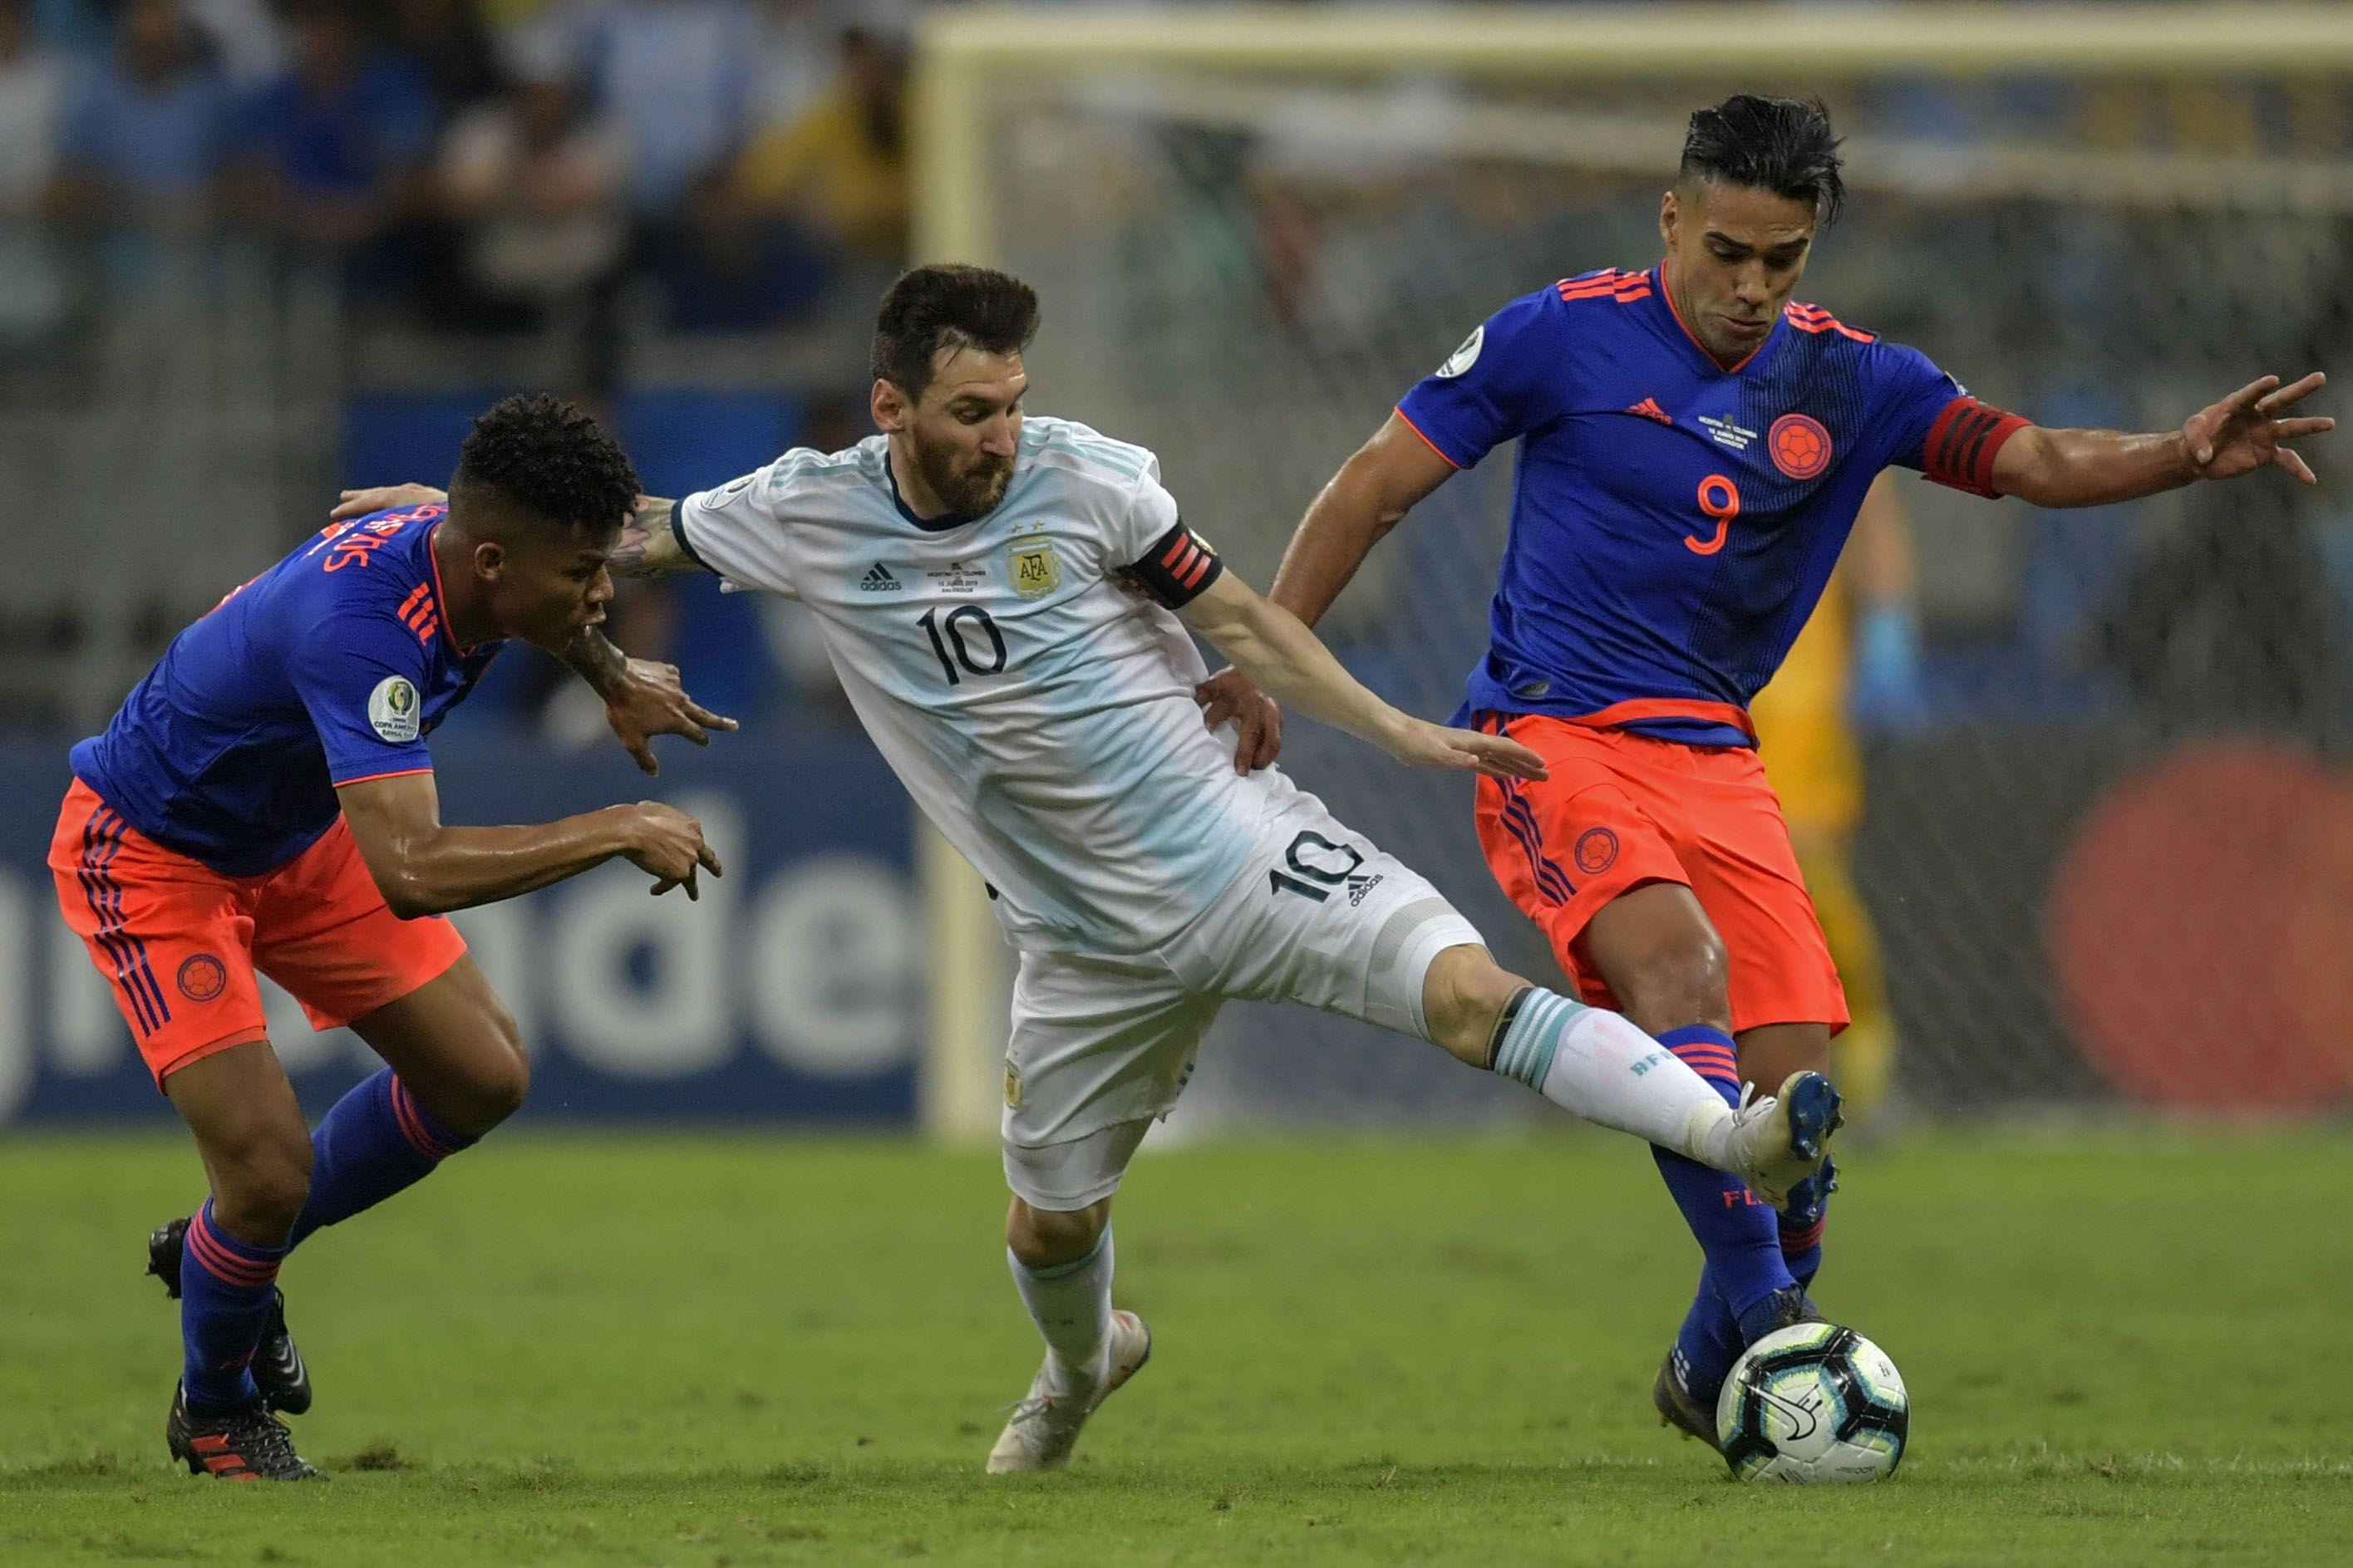 Tras la decepción en el debut, los cambios que piensa Scaloni en Argentina para jugar ante Paraguay